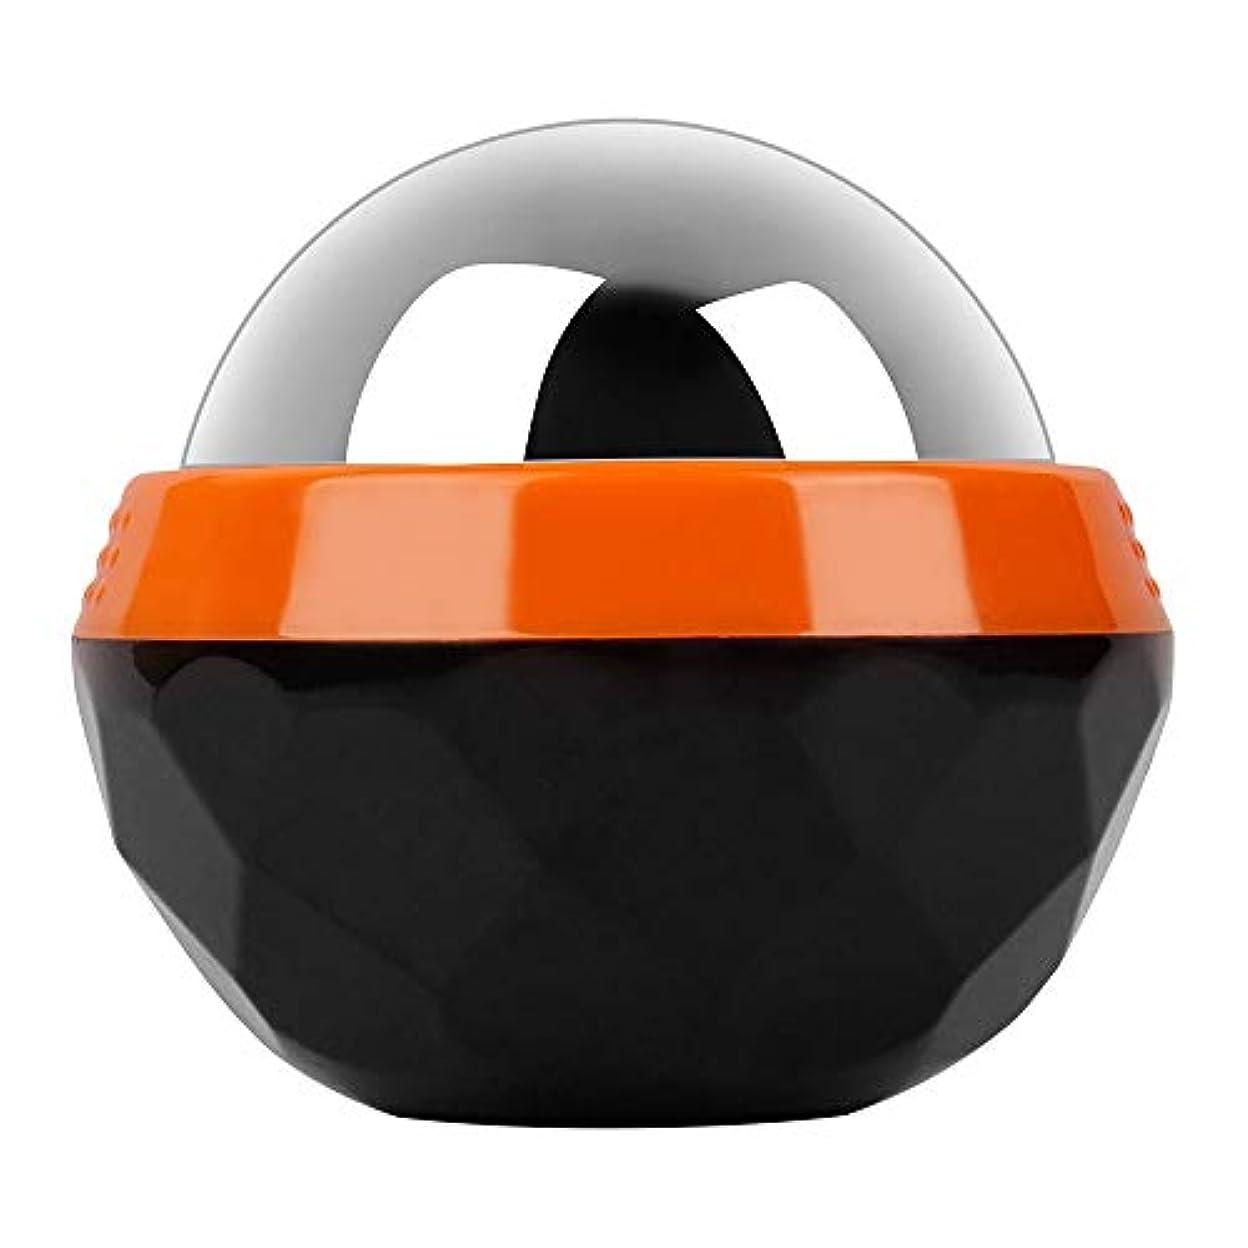 一般卑しい小包GeTooコールドマッサージローラーボール-2.4インチの氷球は6時間冷たさを持続、アイスセラピーディープティッシュマッサージ、オレンジとブラック